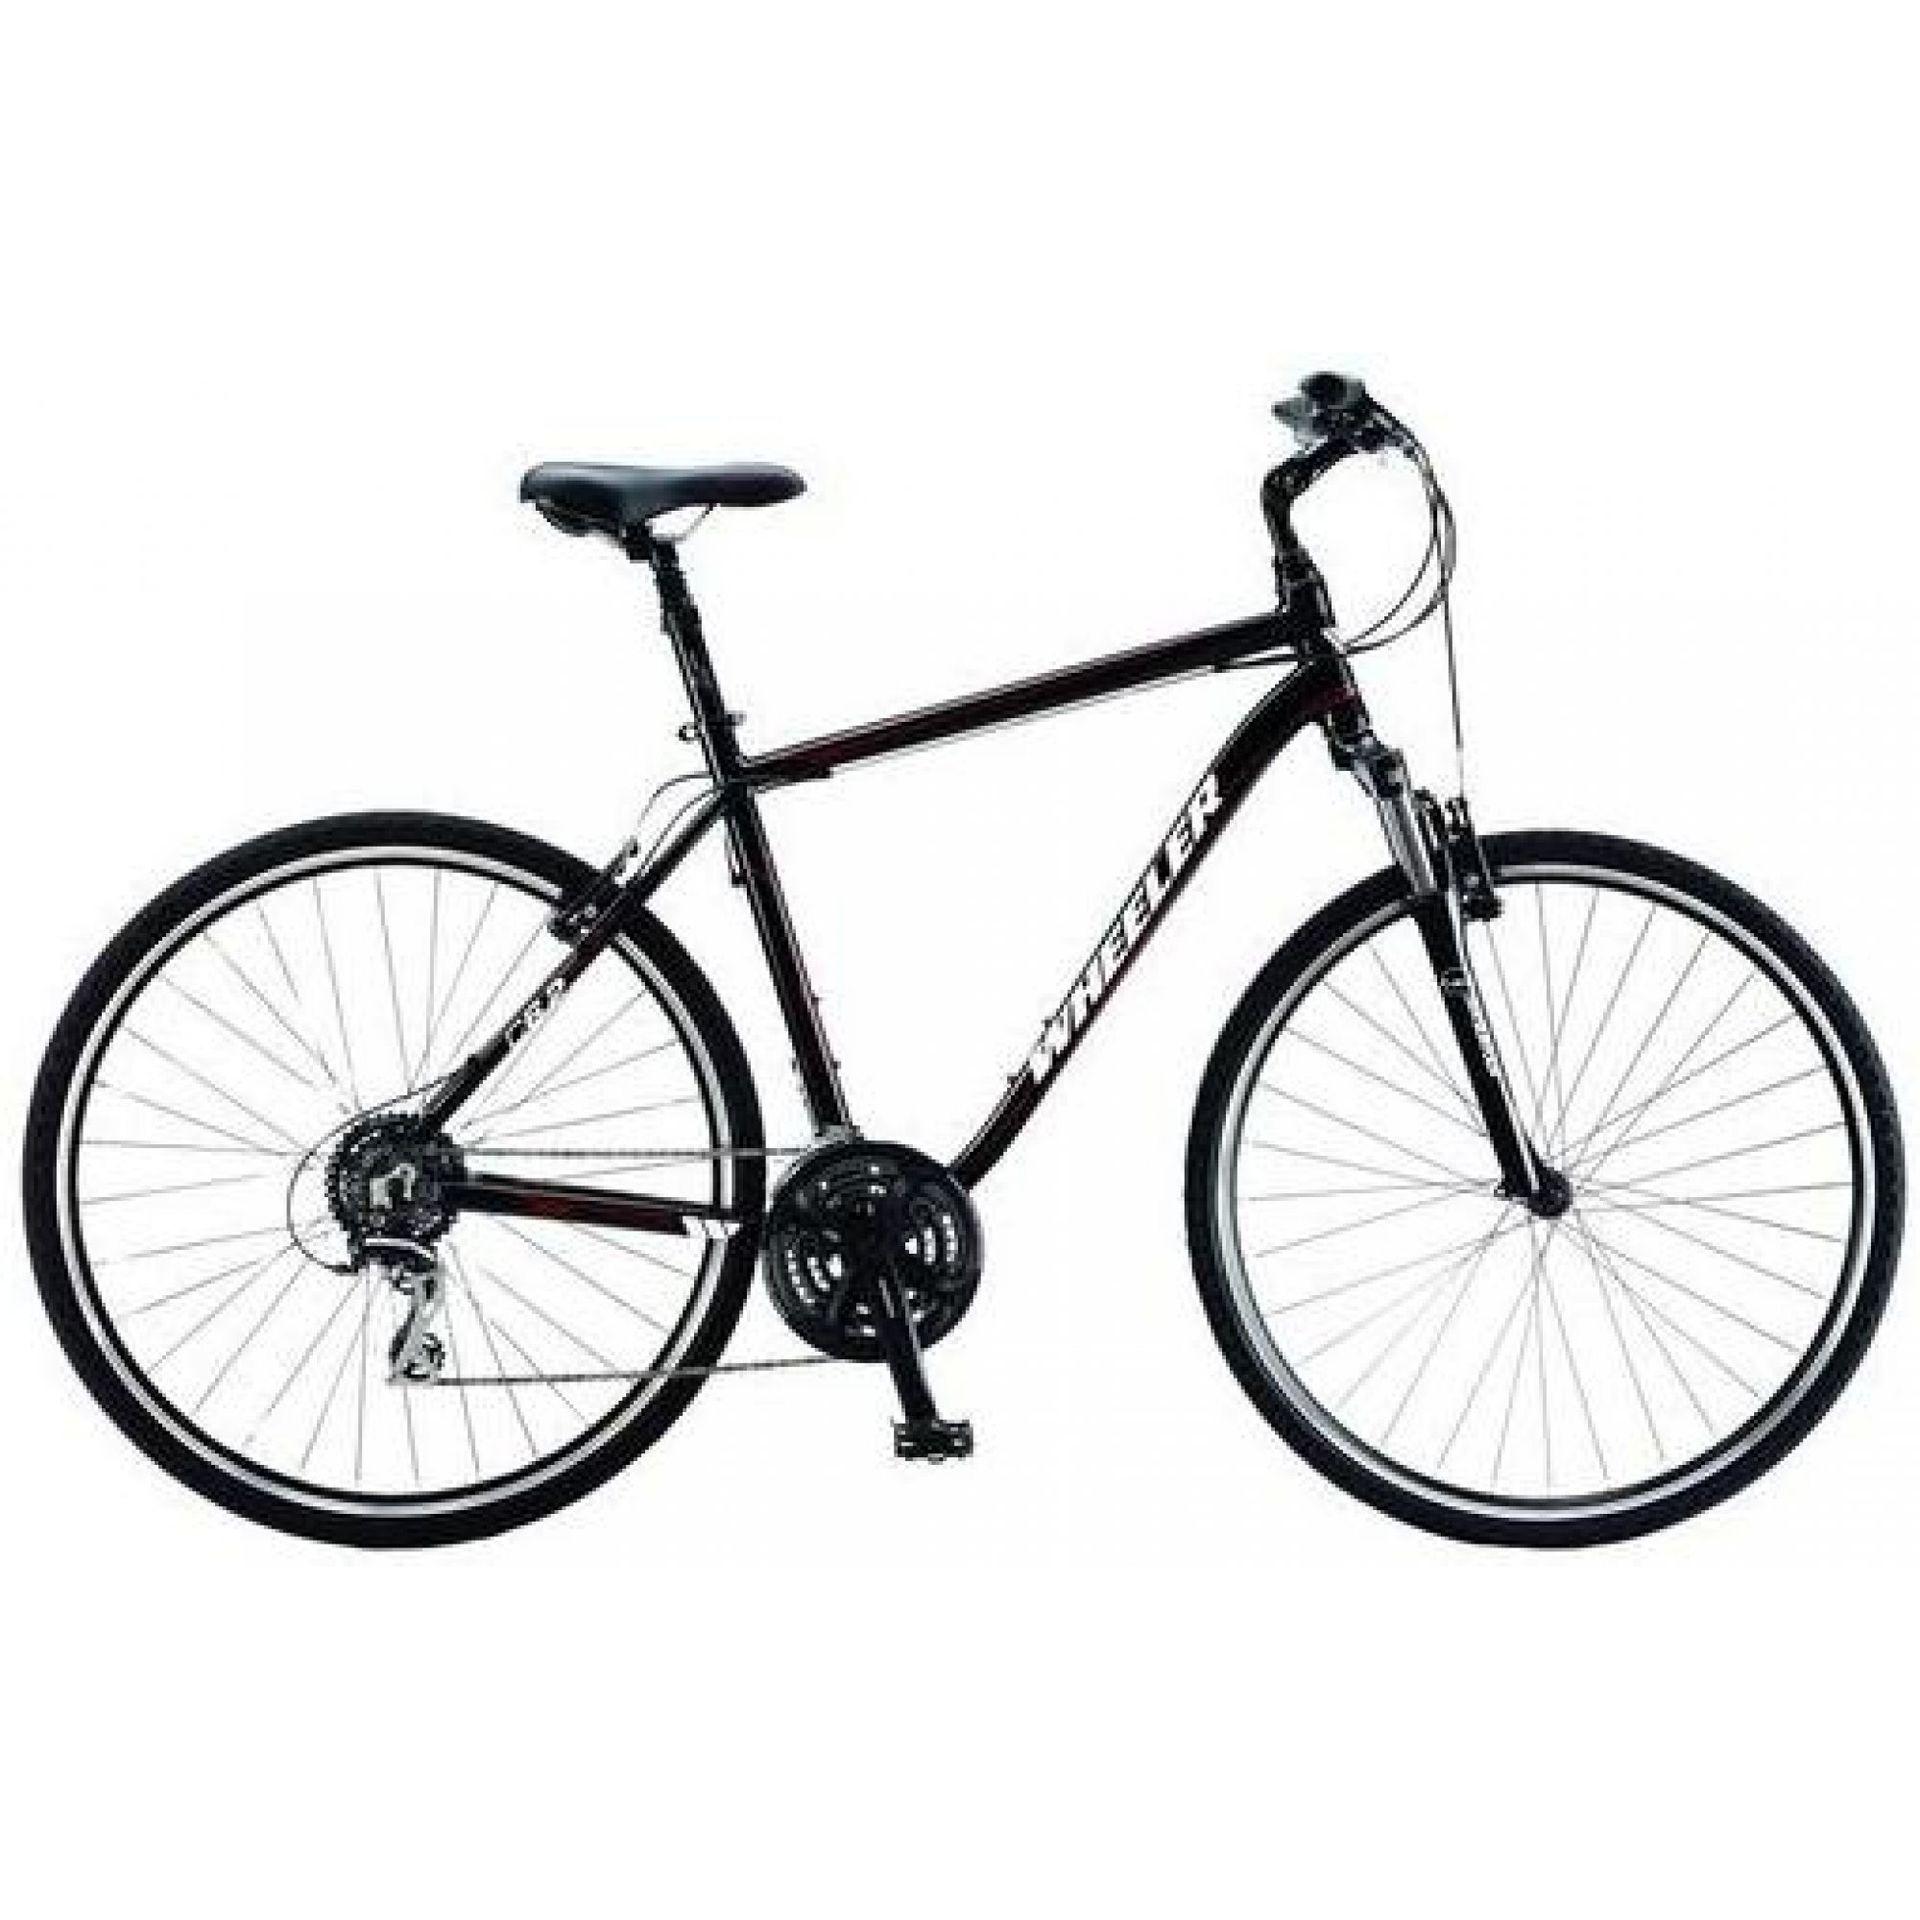 Rower wheeler cross 6.2 man